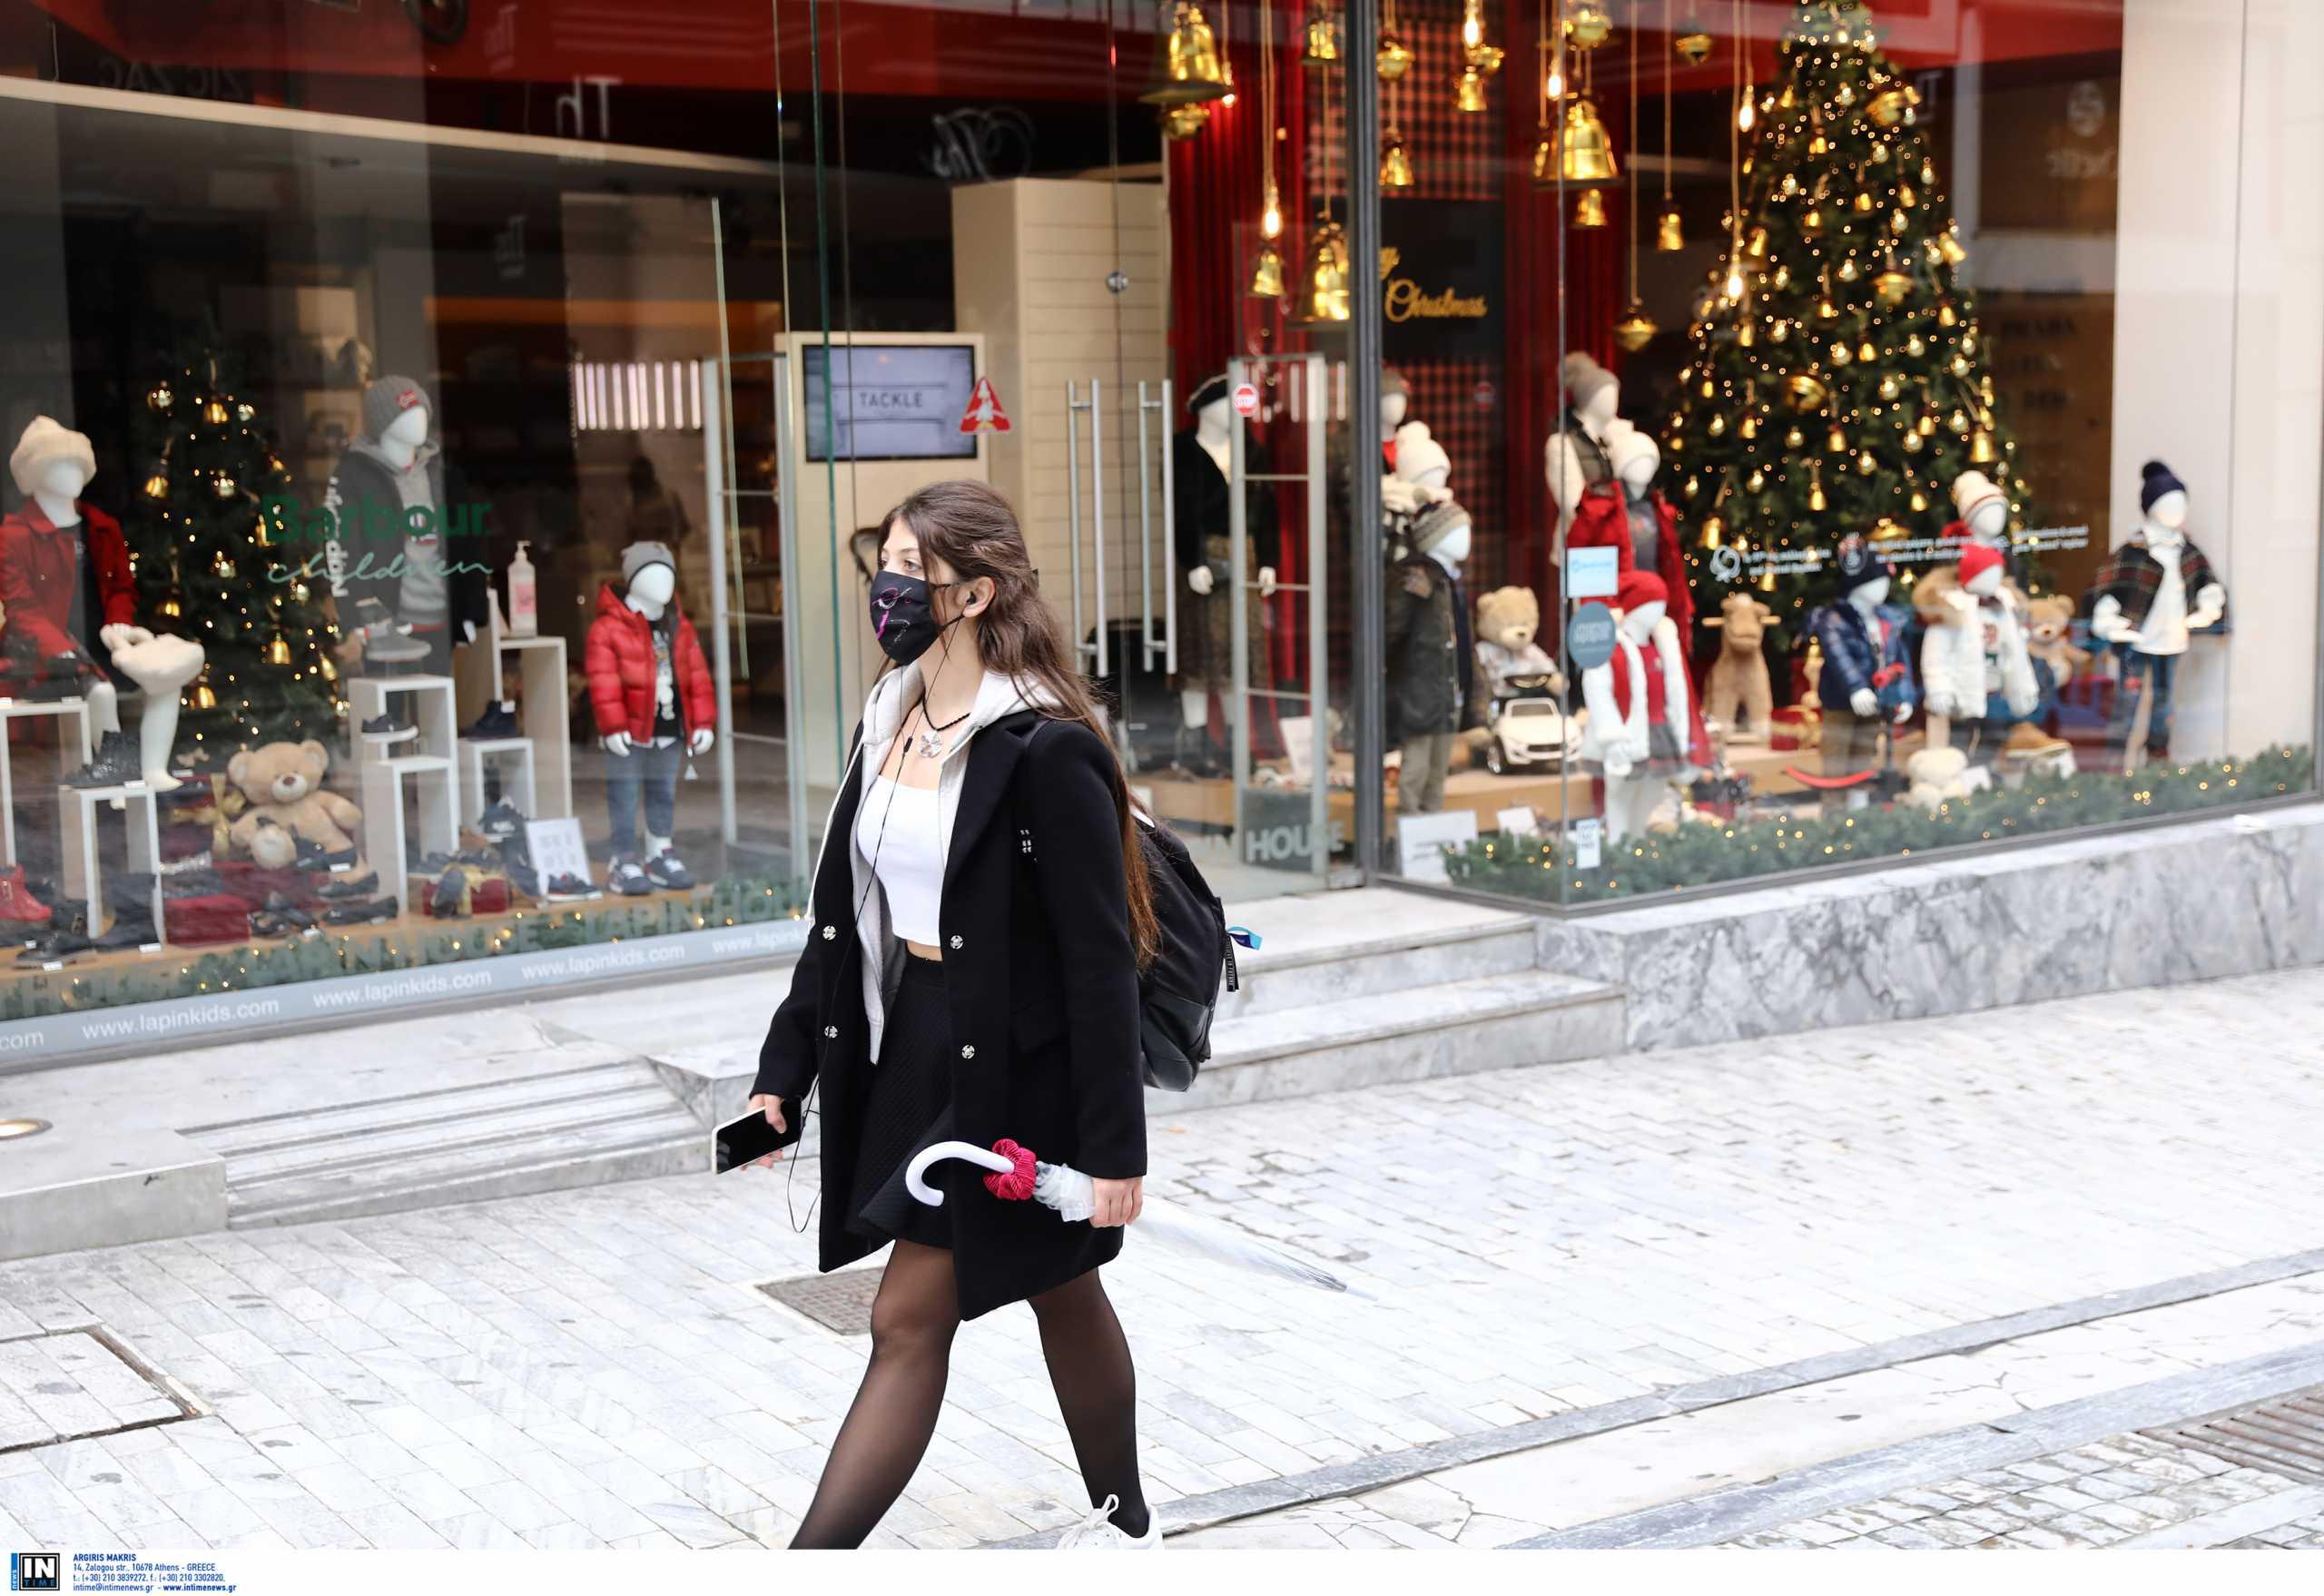 Κραυγή αγωνίας για το ρεβεγιόν τα Χριστούγεννα: «Επικίνδυνο» και με 9 άτομα